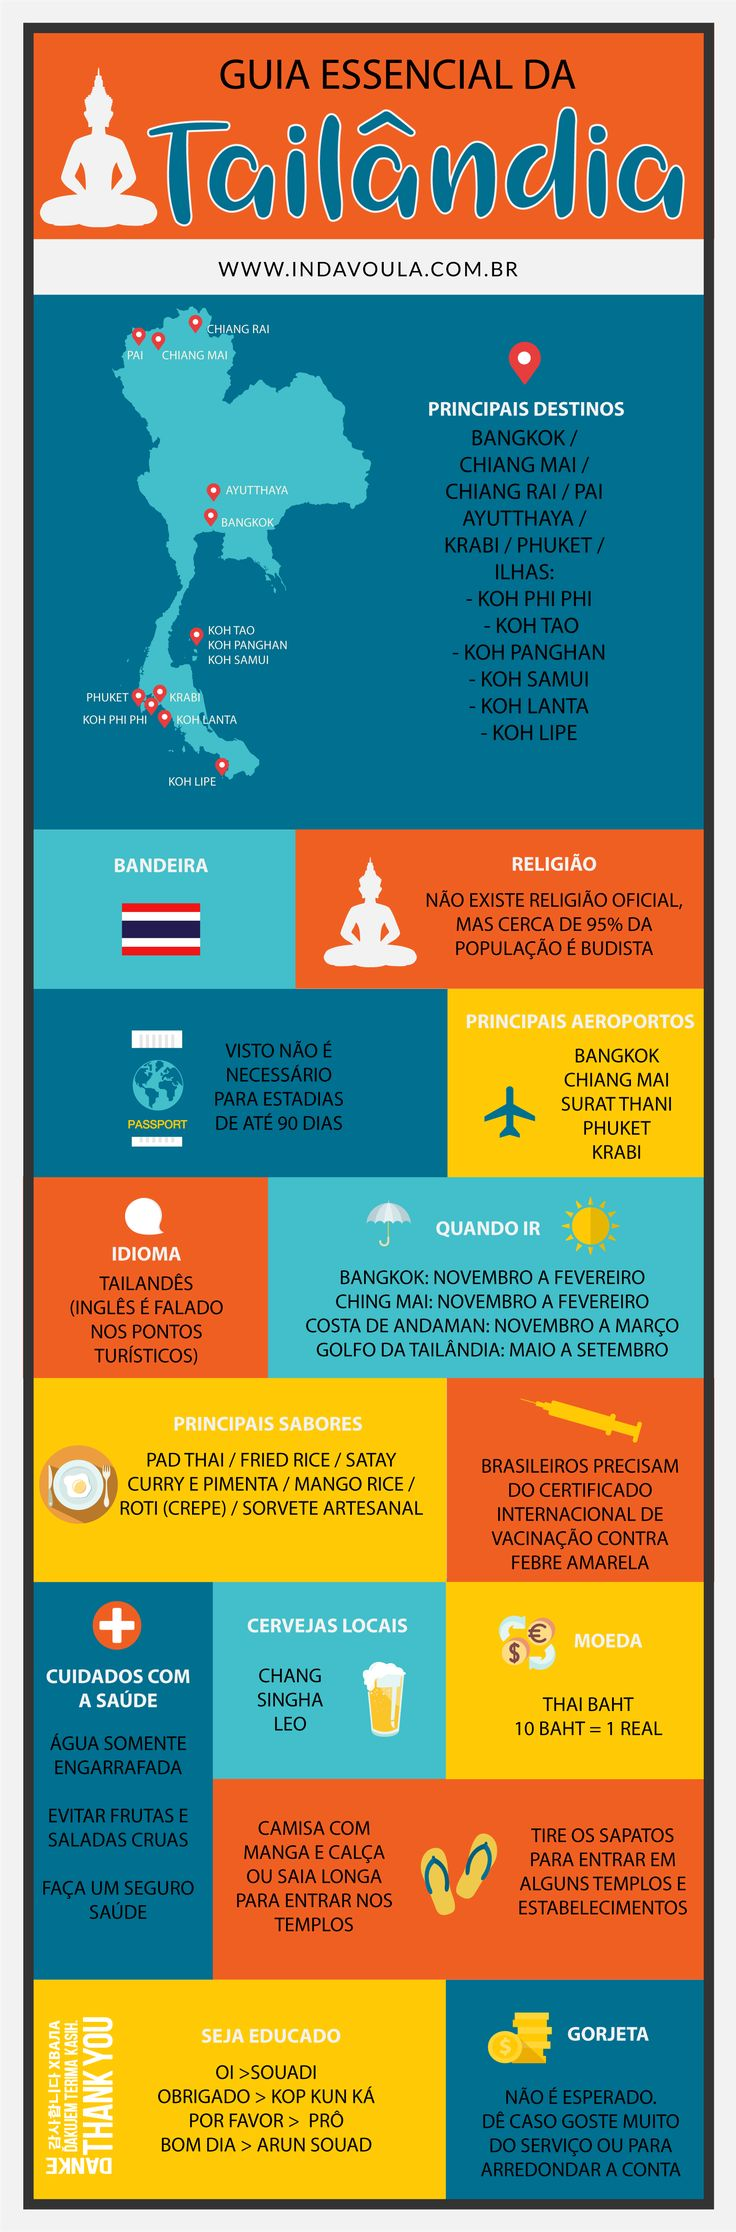 Tailândia - Guia Essencial [INFOGRÁFICO]